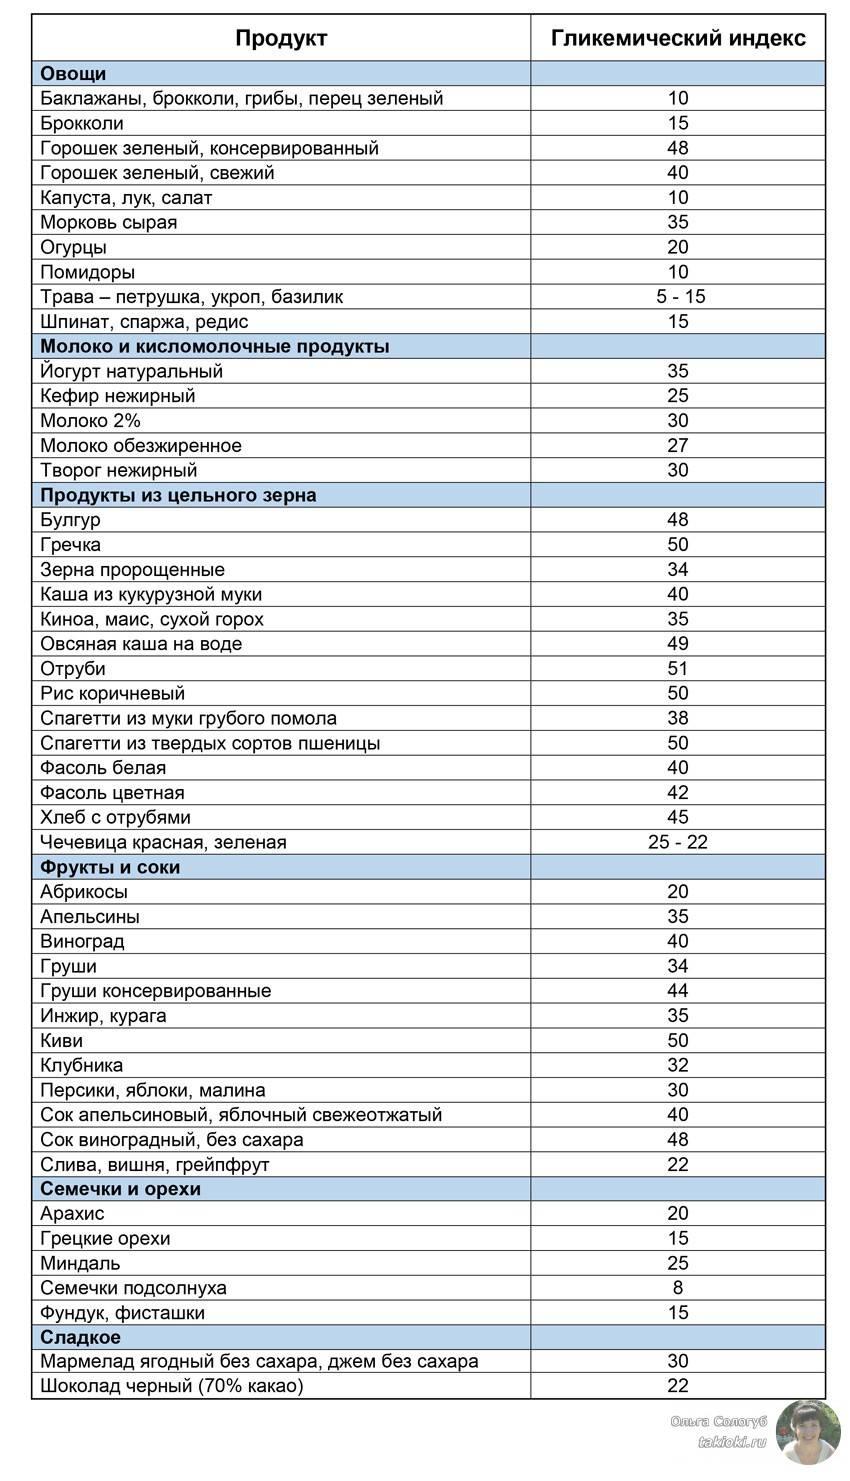 Низкоуглеводная диета: меню, продукты, результат, плюсы и минусы, противопоказания, выход и удержание результата